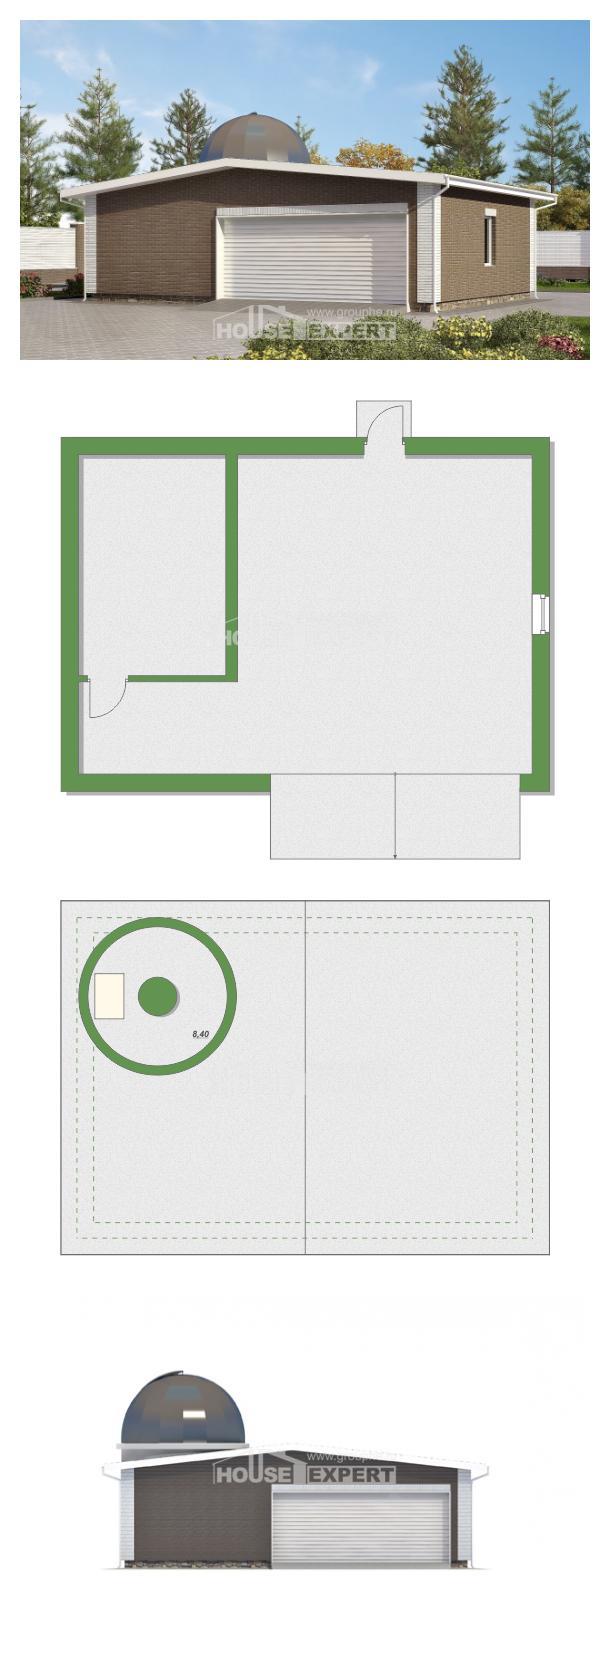 Проект дома 075-001-П   House Expert